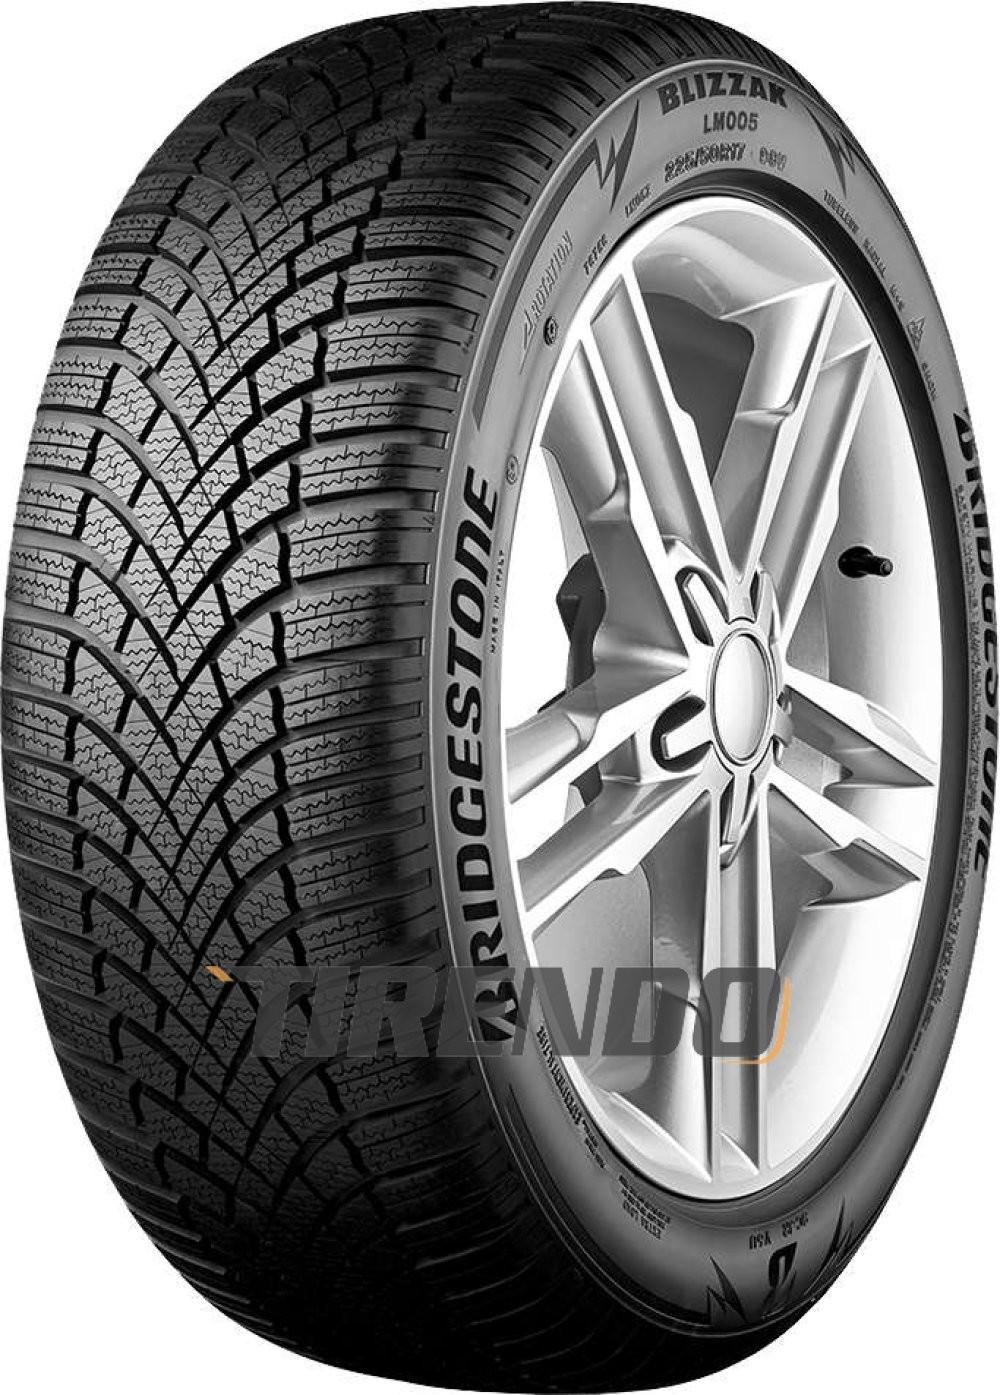 Bridgestone Blizzak LM005 DriveGuard 265/40R21 105H